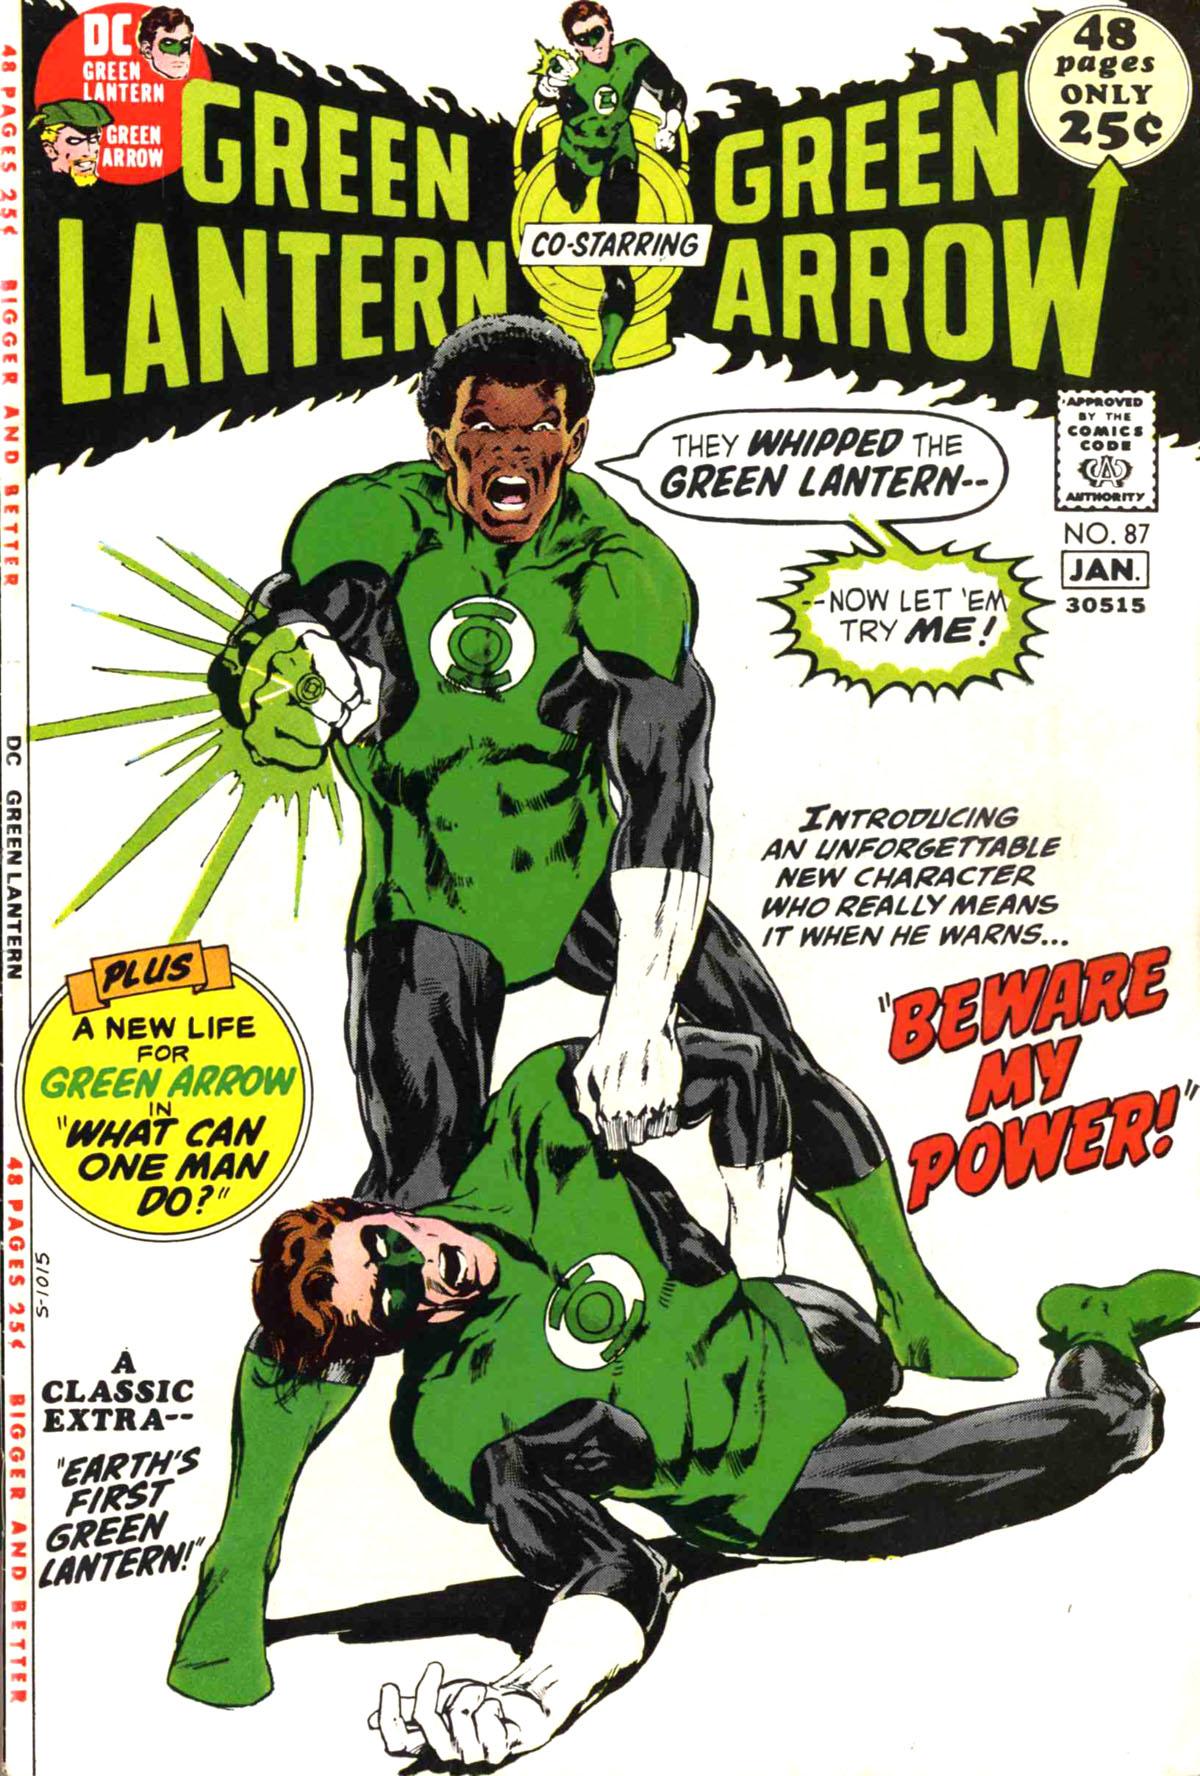 Green Lantern (1960) #85, written by Denny O'Neil.